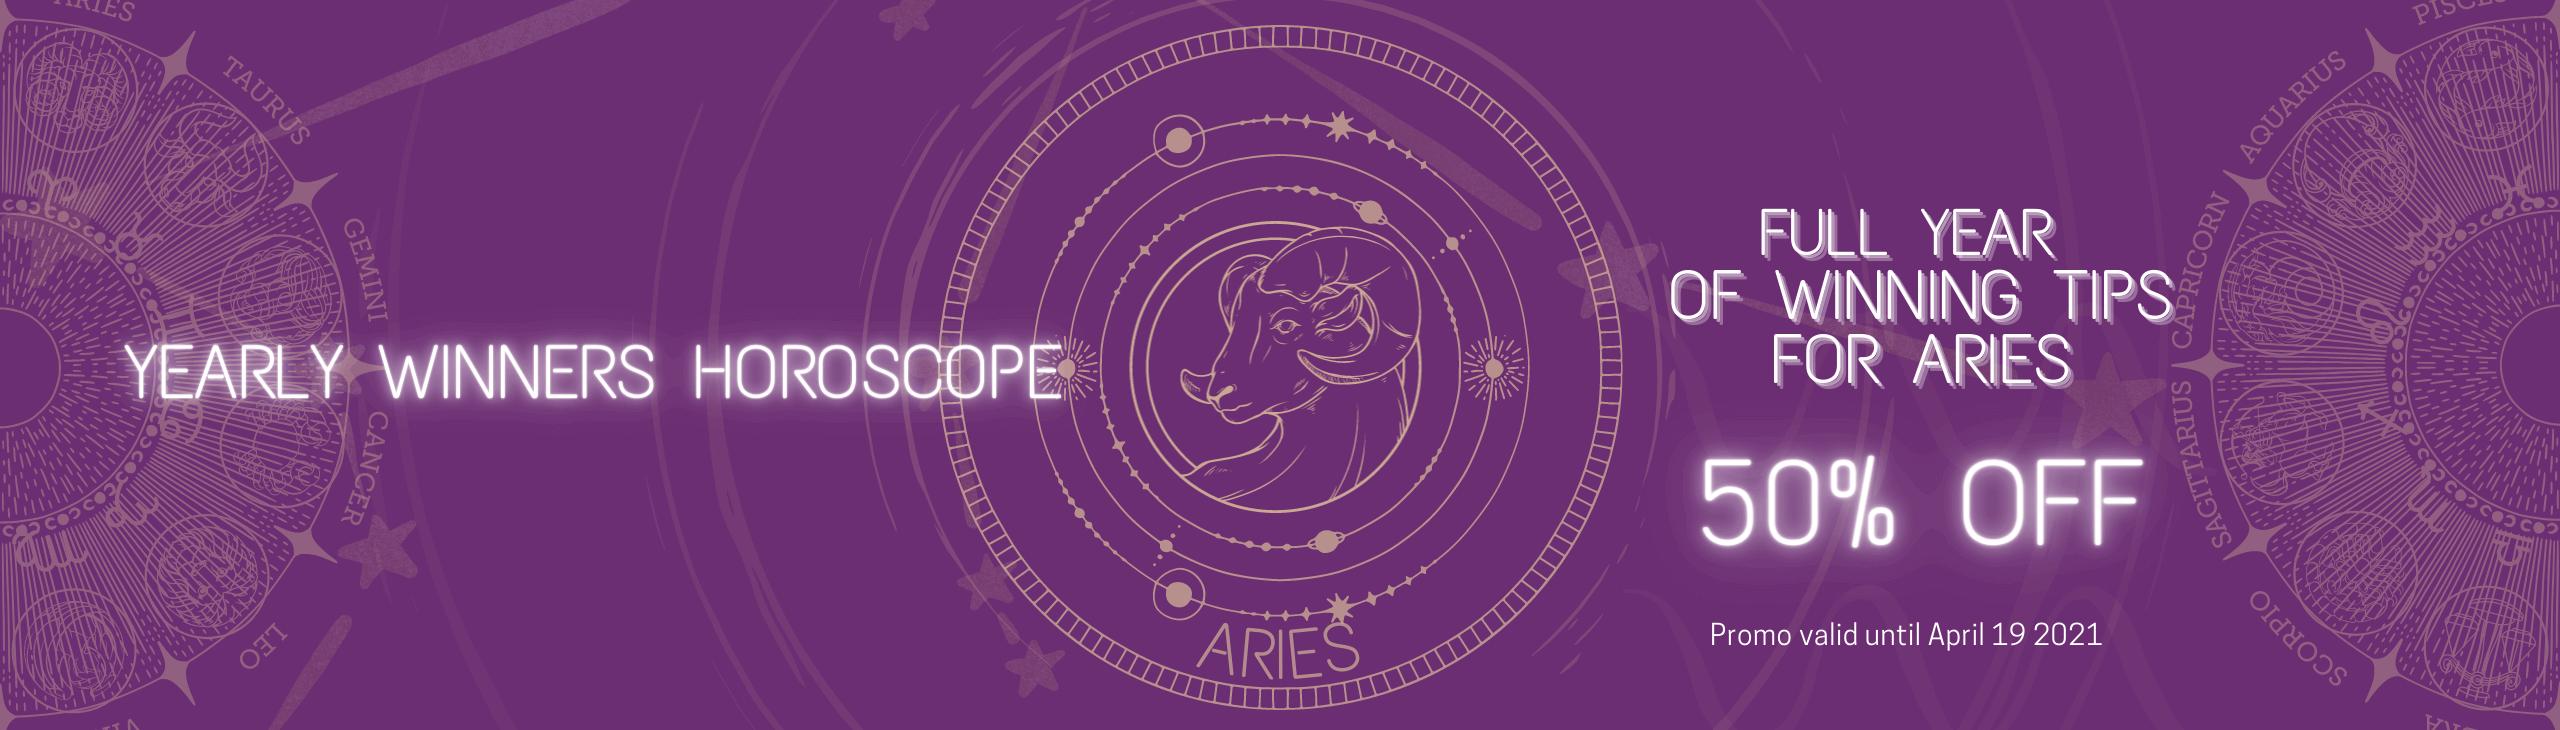 Aries yearly horoscope